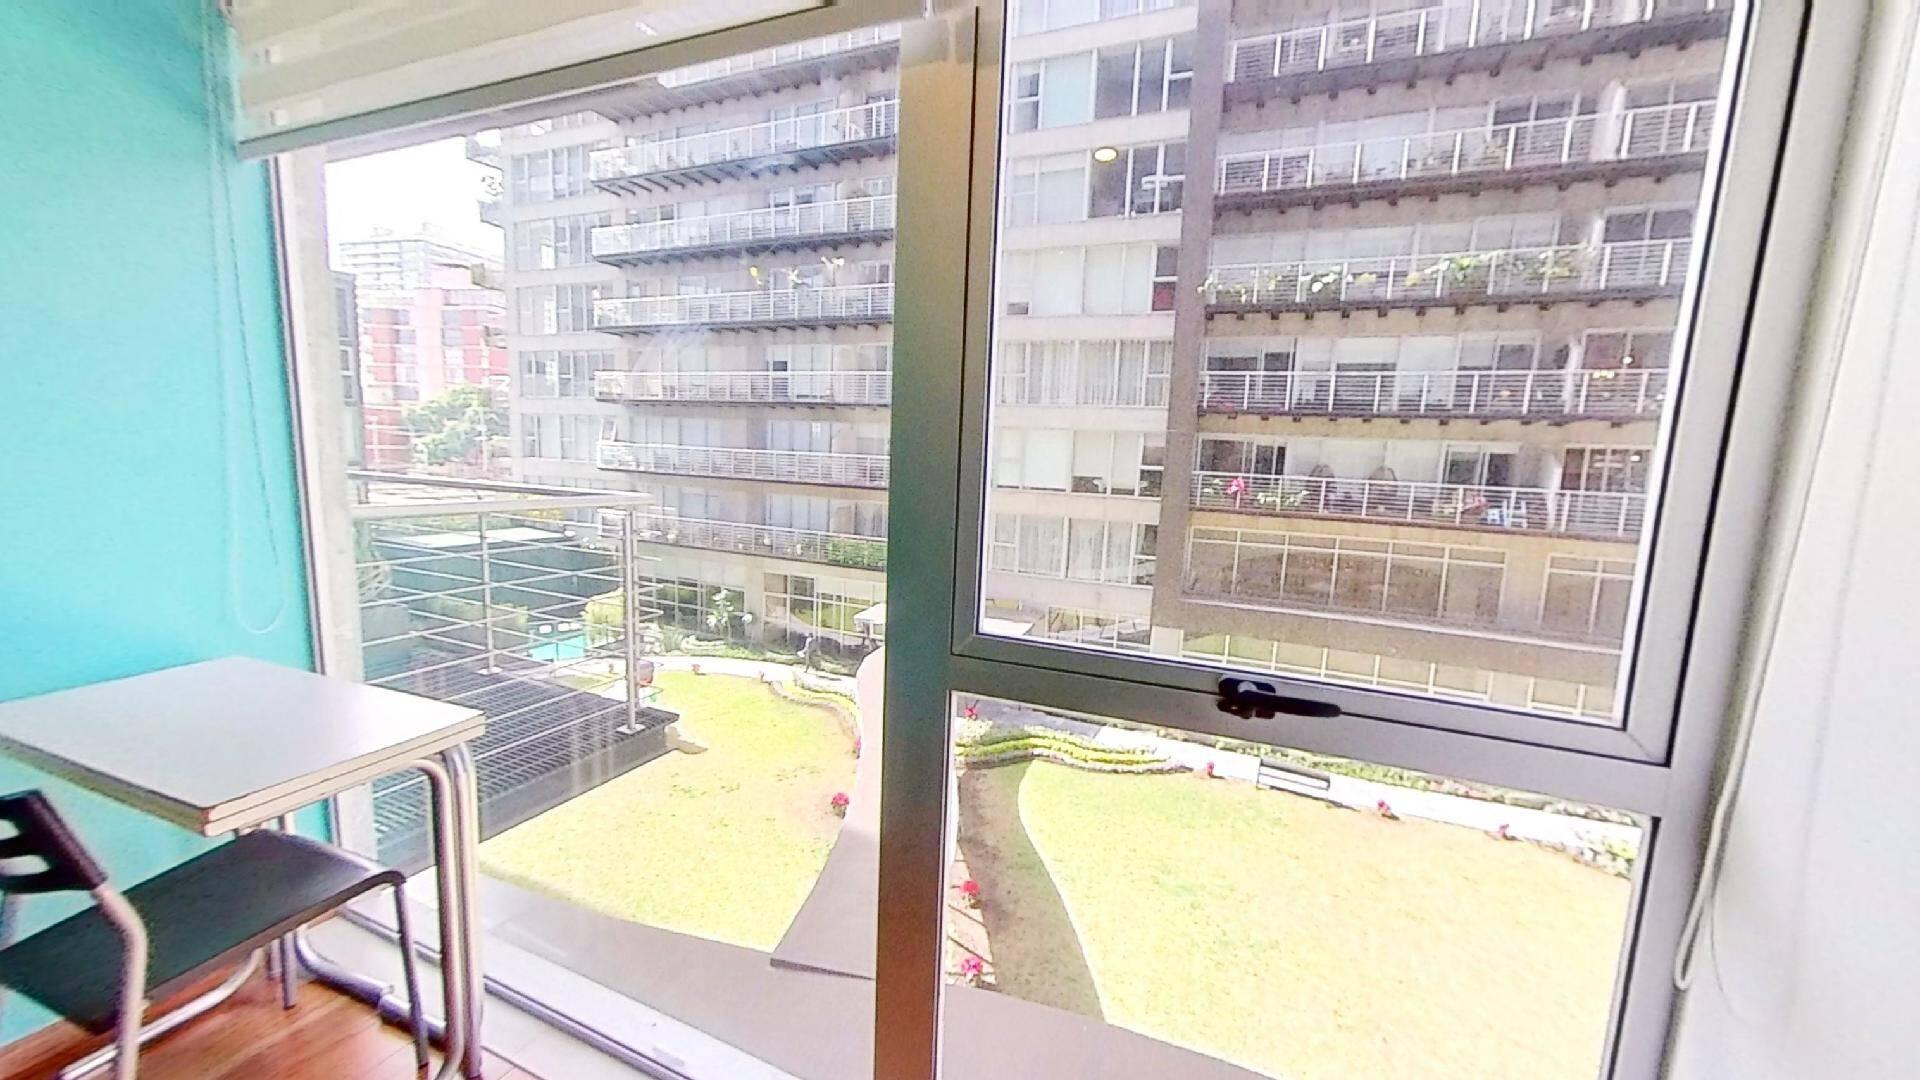 Venta departamento de 3 recámaras en City Towers Green, Colonia Santa Cruz. Ventana Recámara 2